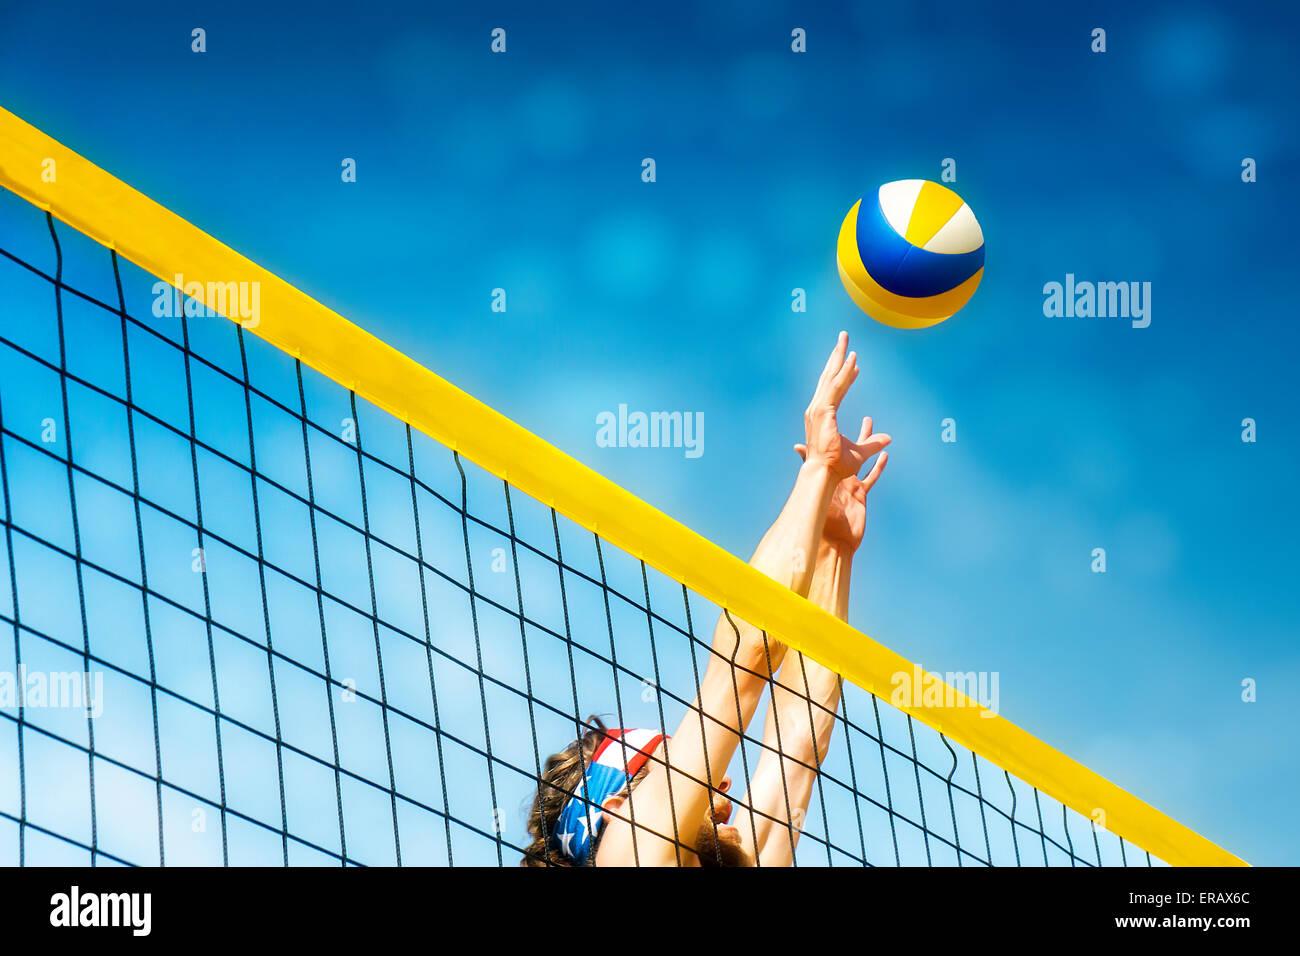 Beachvolley Ball Spieler Sprünge auf dem Netz und versucht, den Ball blockiert Stockbild